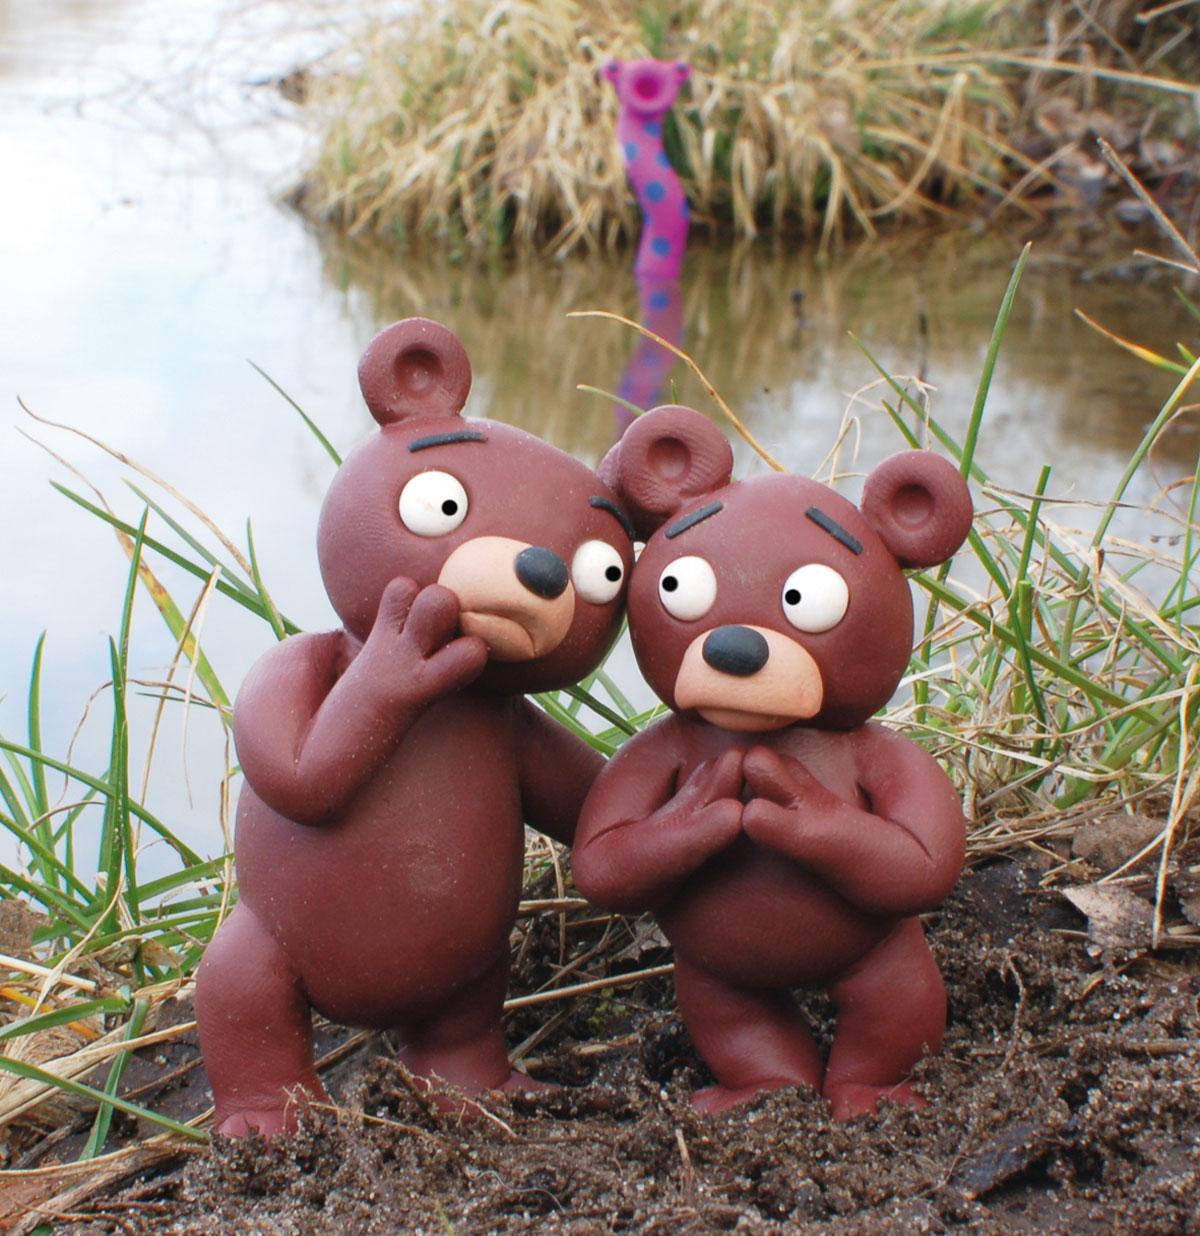 Wuhlebär und Erpebär in Furcht vor dem Schreckenswurm Wuzilla vereint